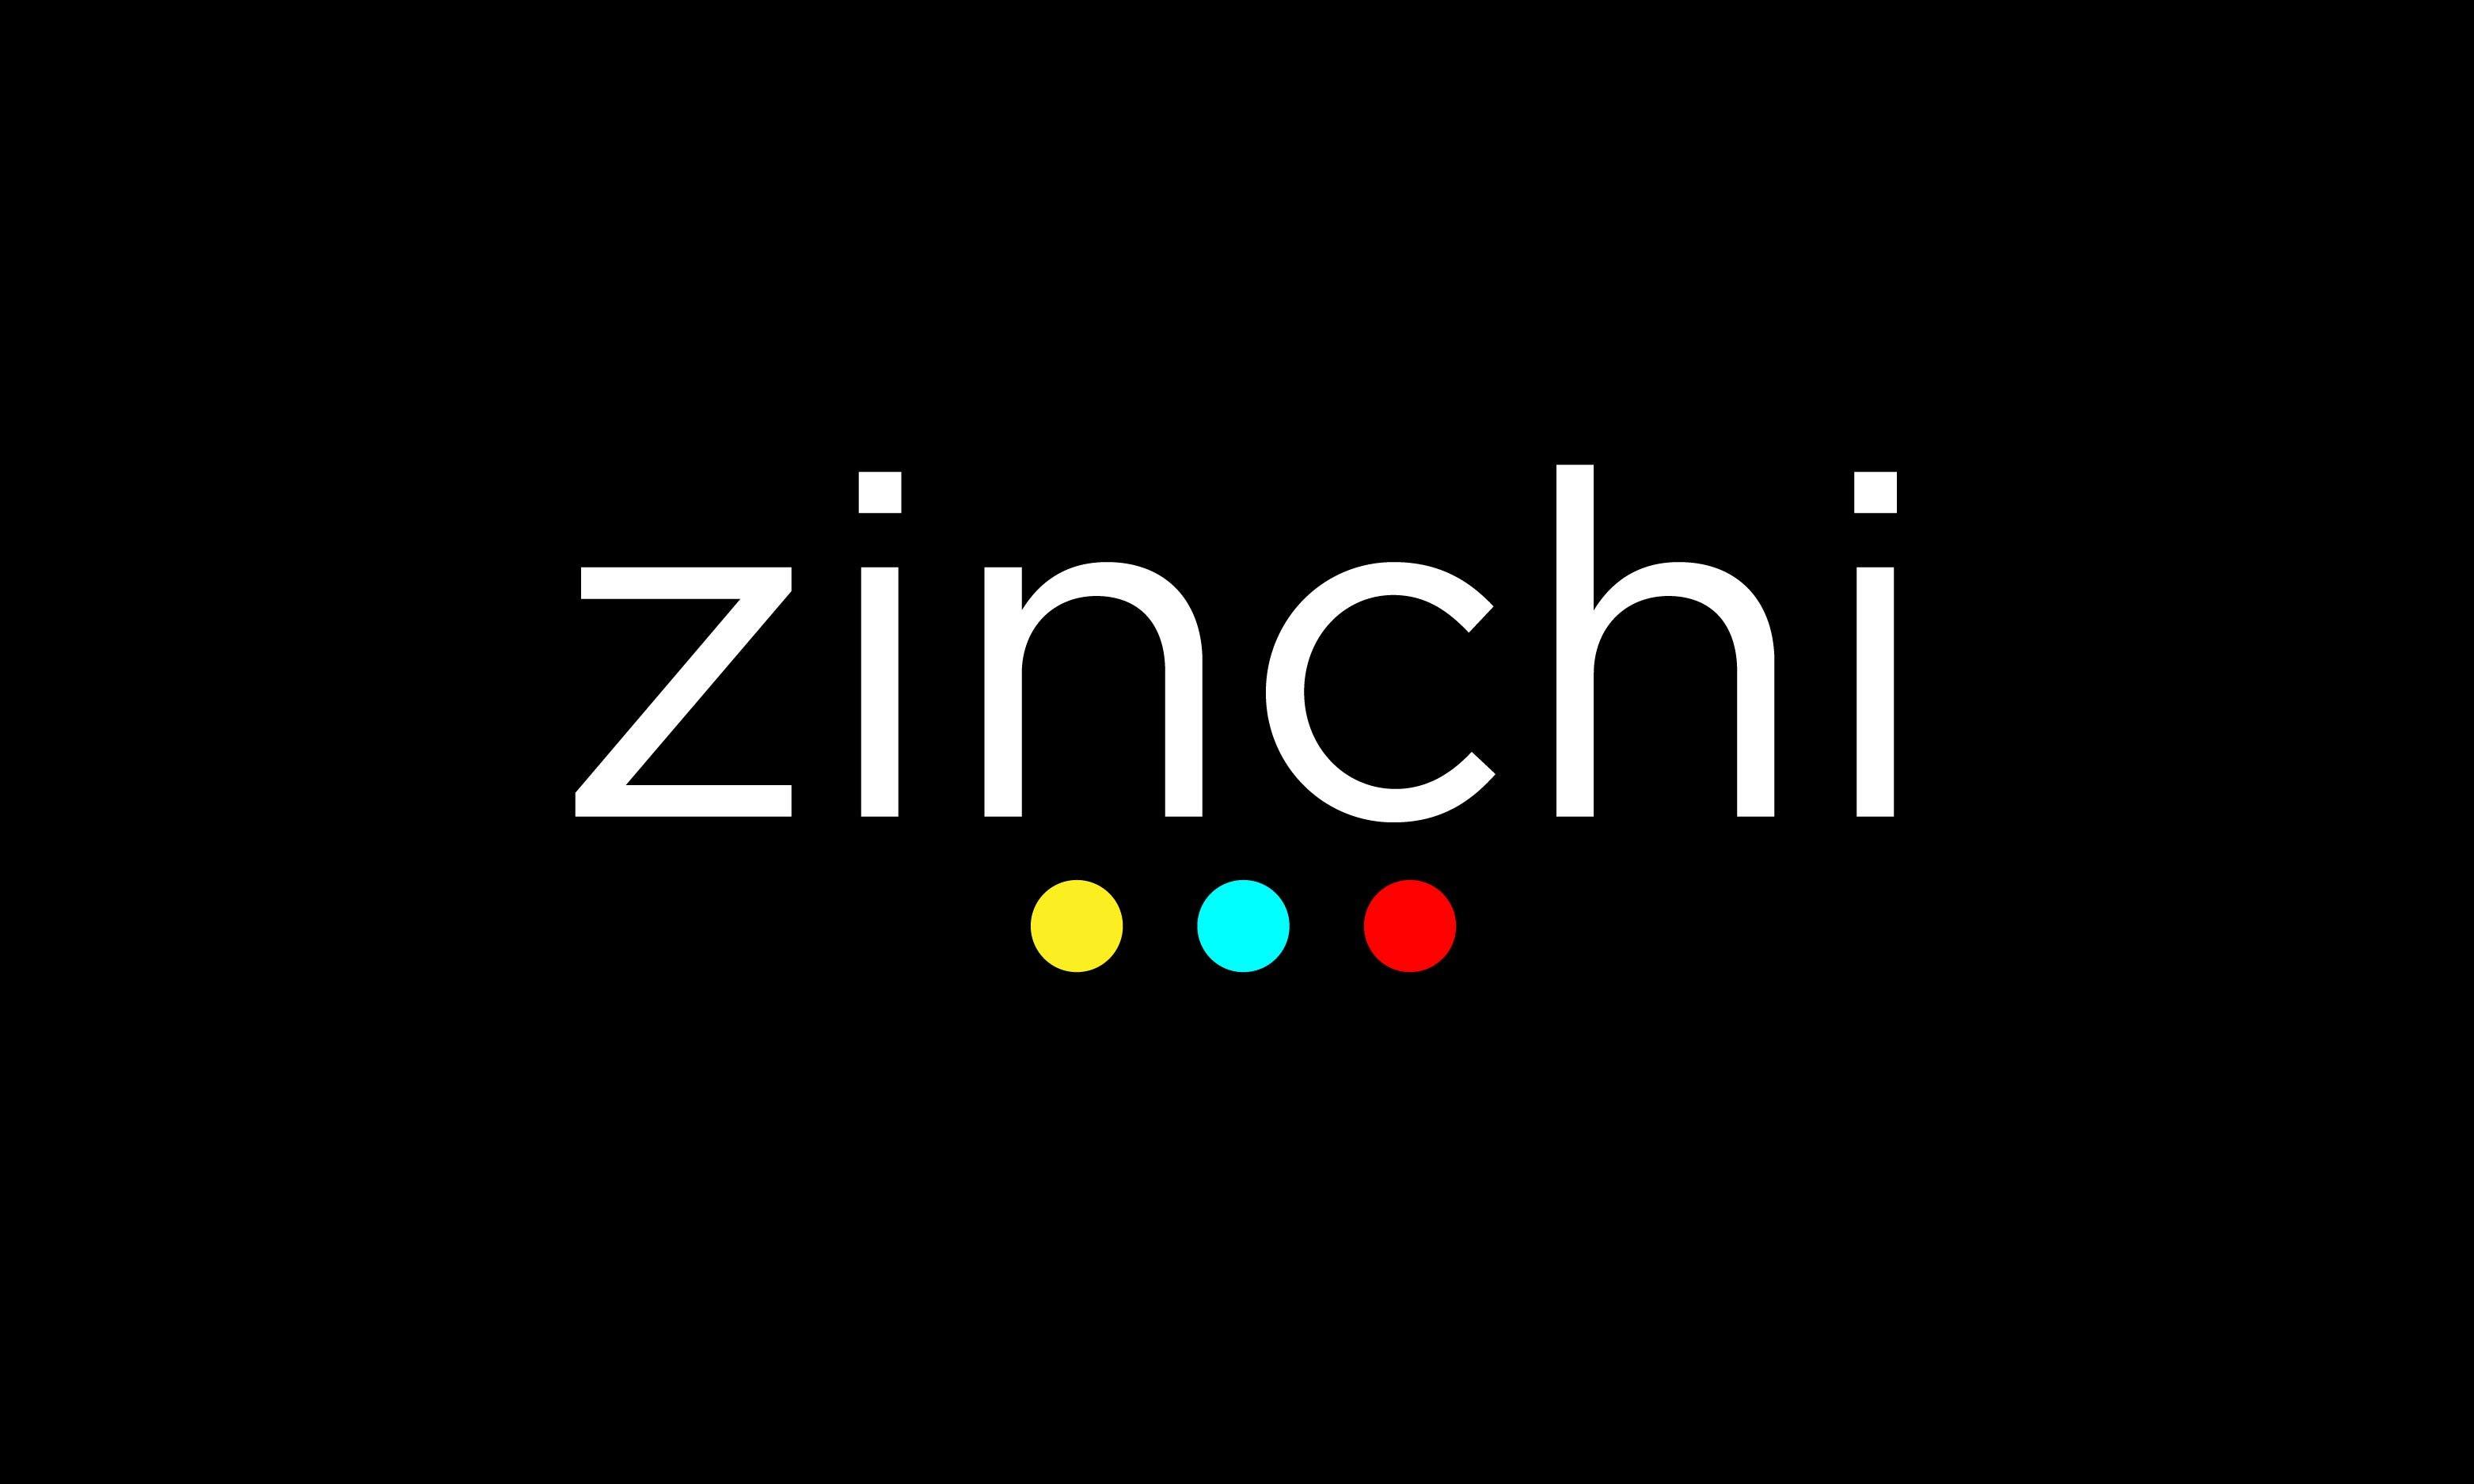 Zinchi.com